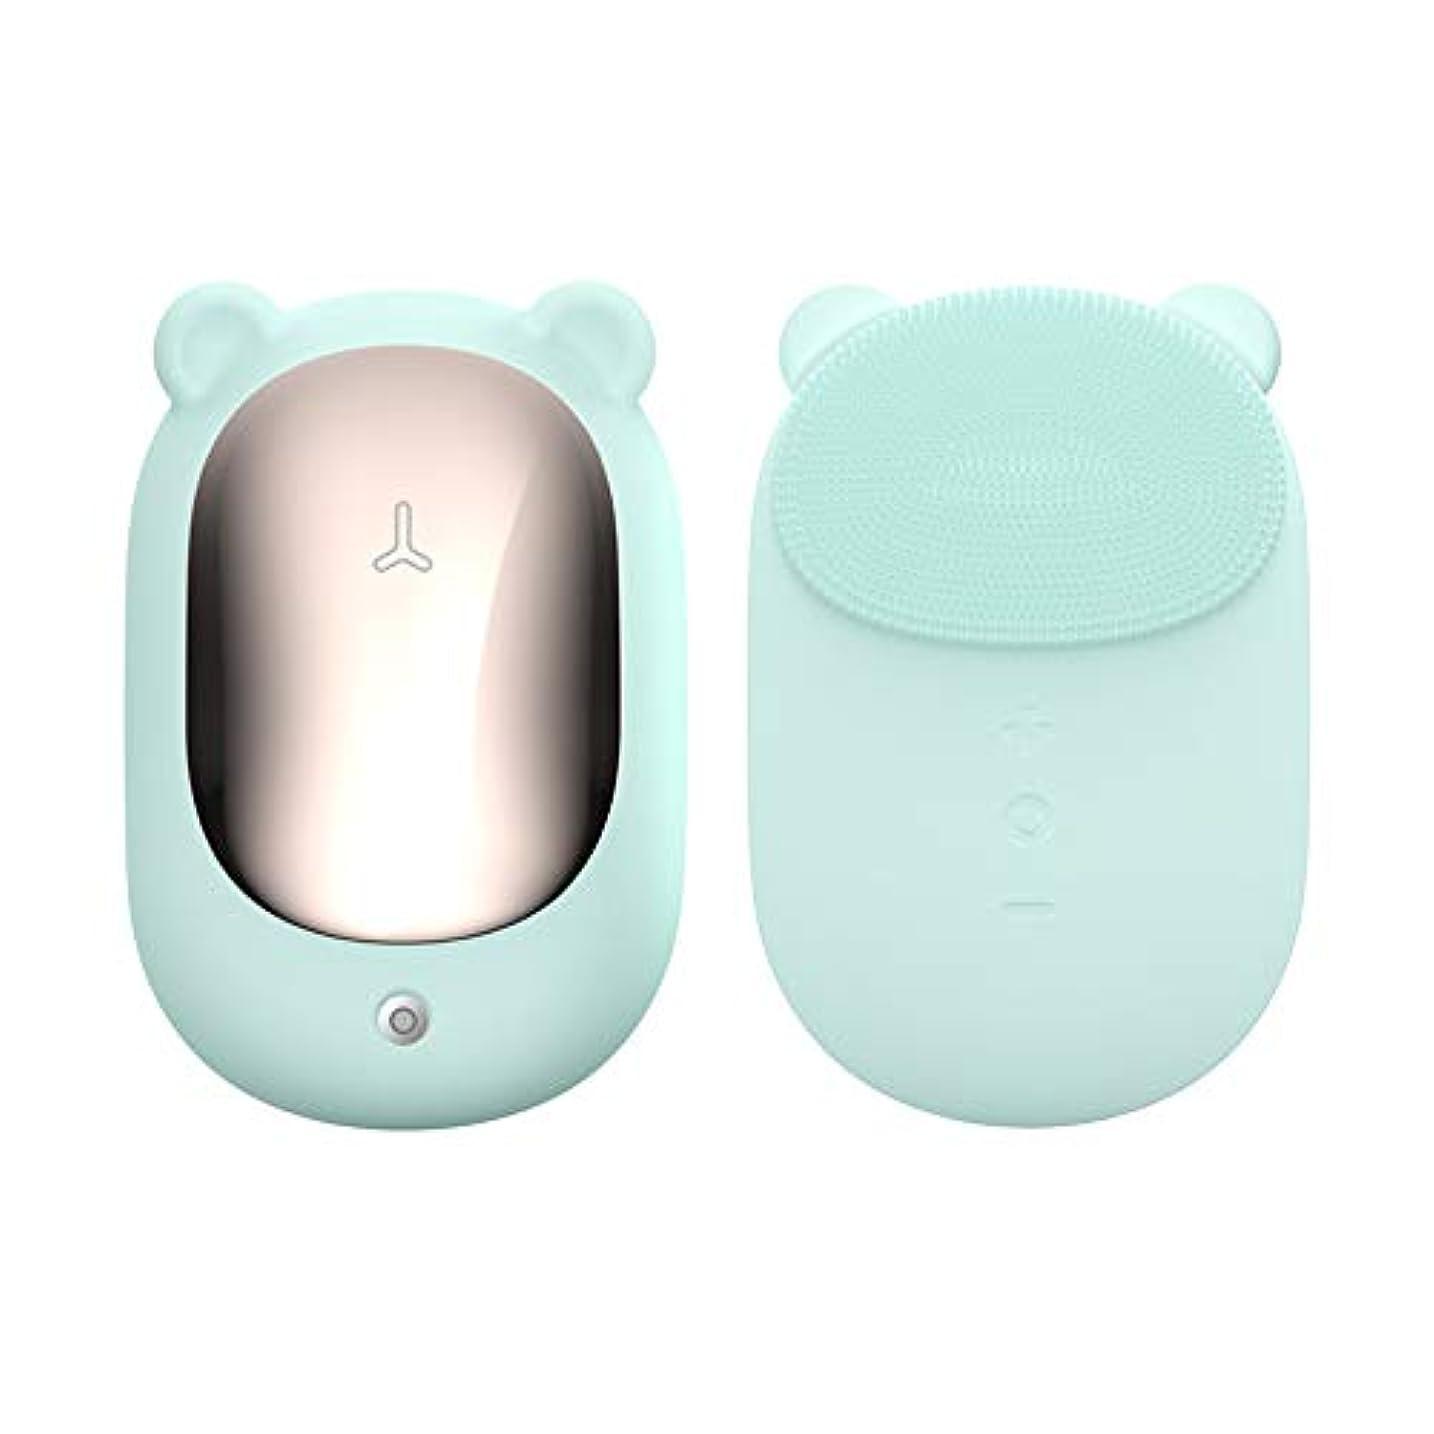 要旨ロケーションボトル電気シリコーンの顔の清潔になるブラシ、携帯用表面ブラシのマッサージャーの皮の清潔になる再充電可能な防水深い清潔になること,グリーン